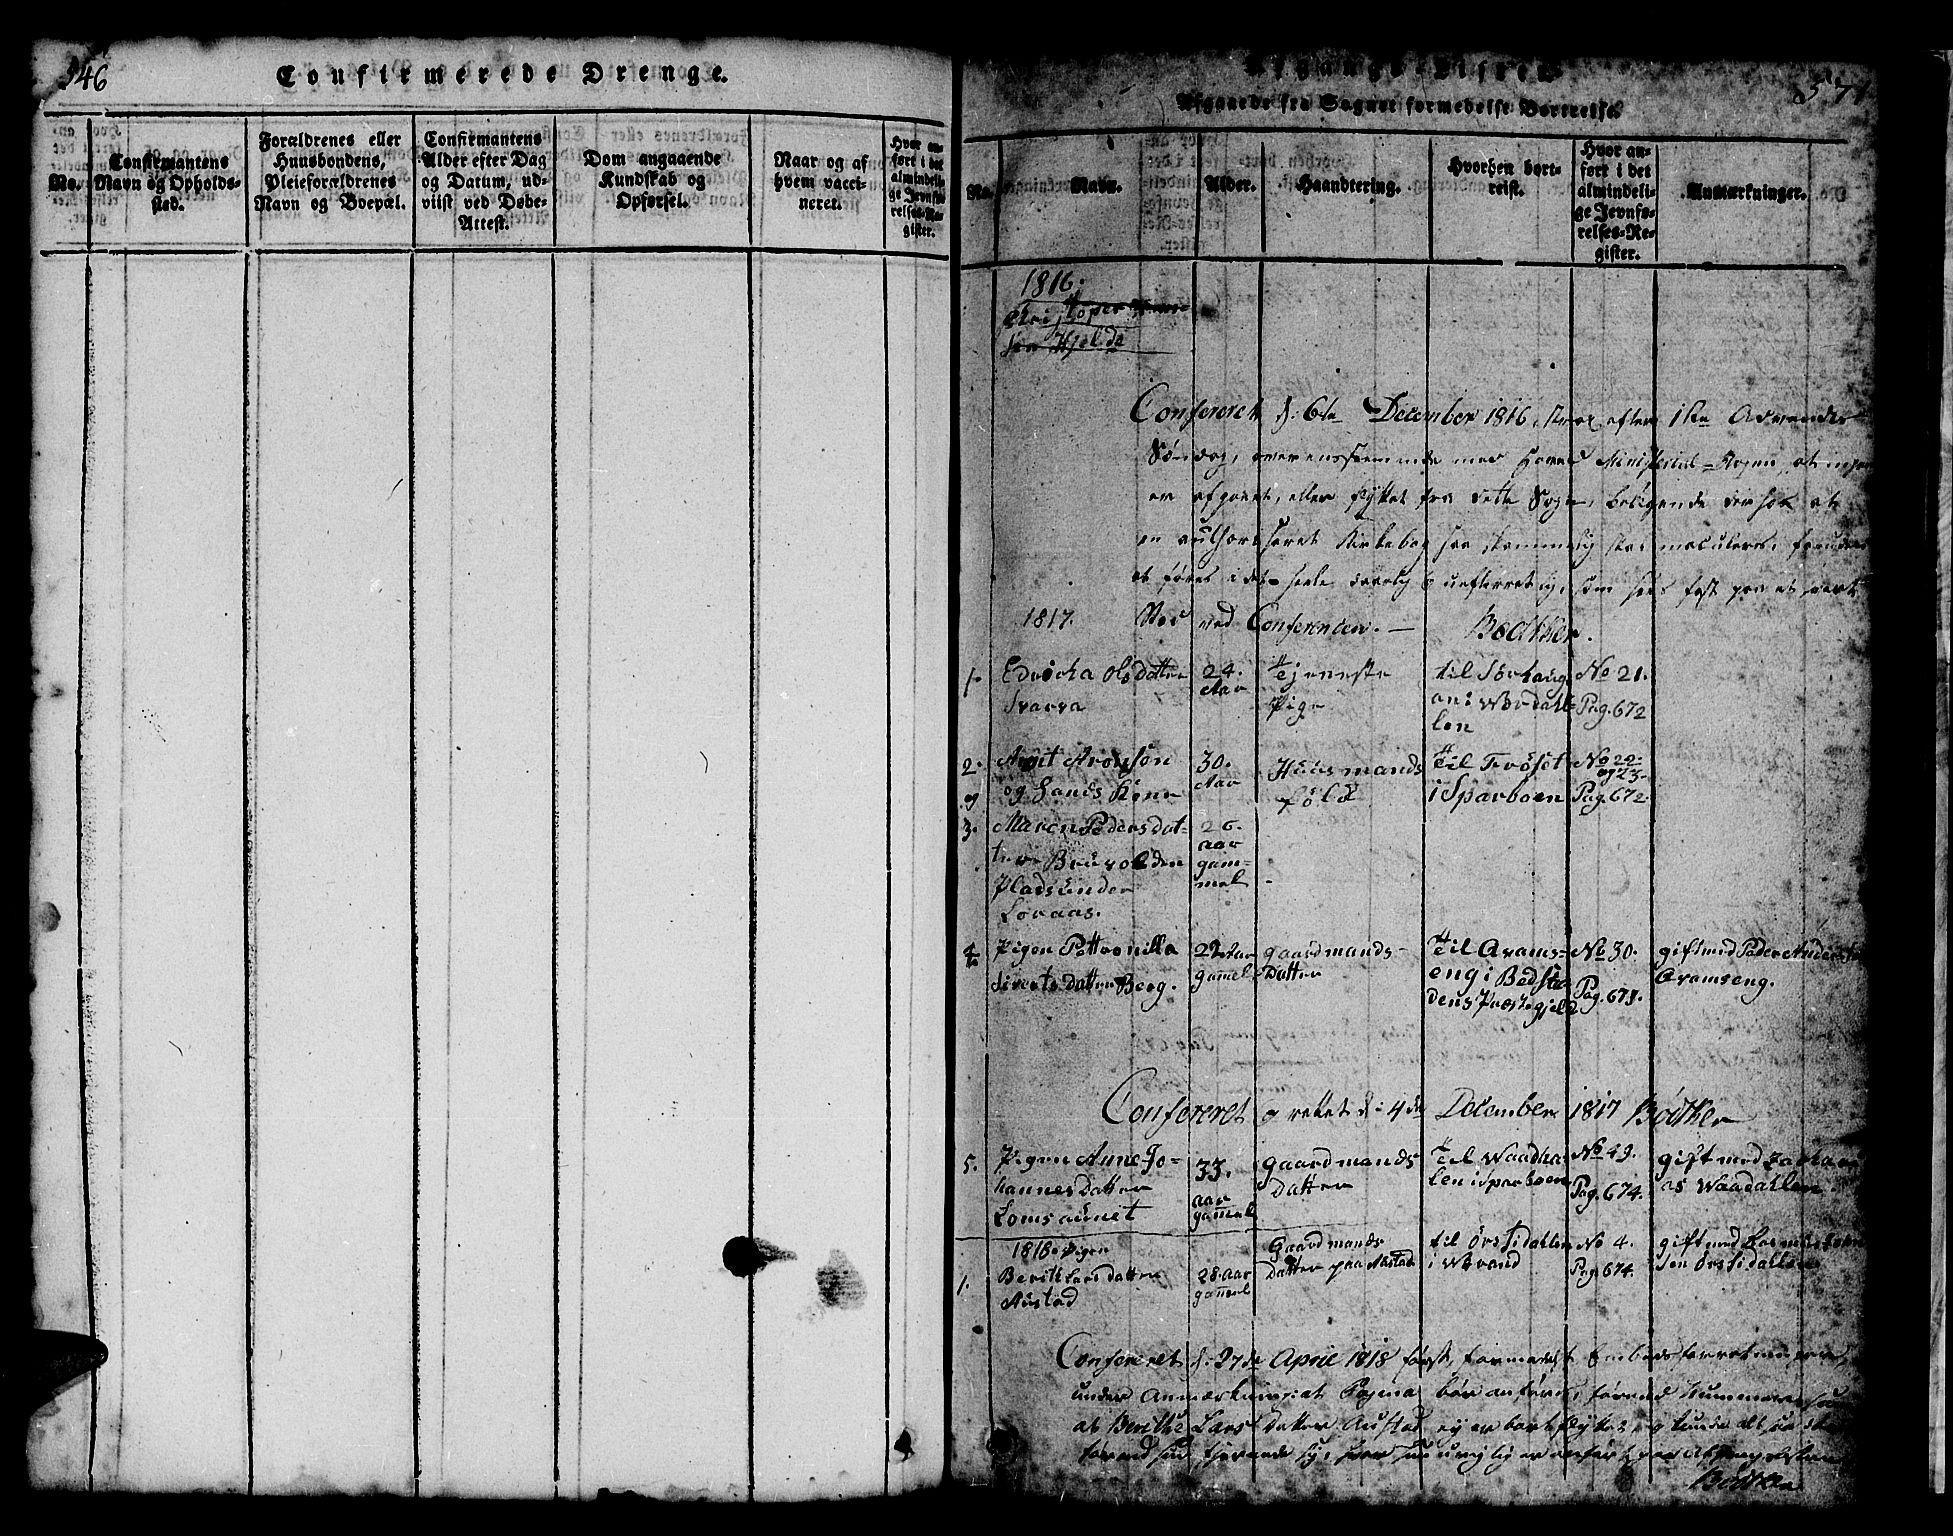 SAT, Ministerialprotokoller, klokkerbøker og fødselsregistre - Nord-Trøndelag, 731/L0310: Klokkerbok nr. 731C01, 1816-1874, s. 546-571